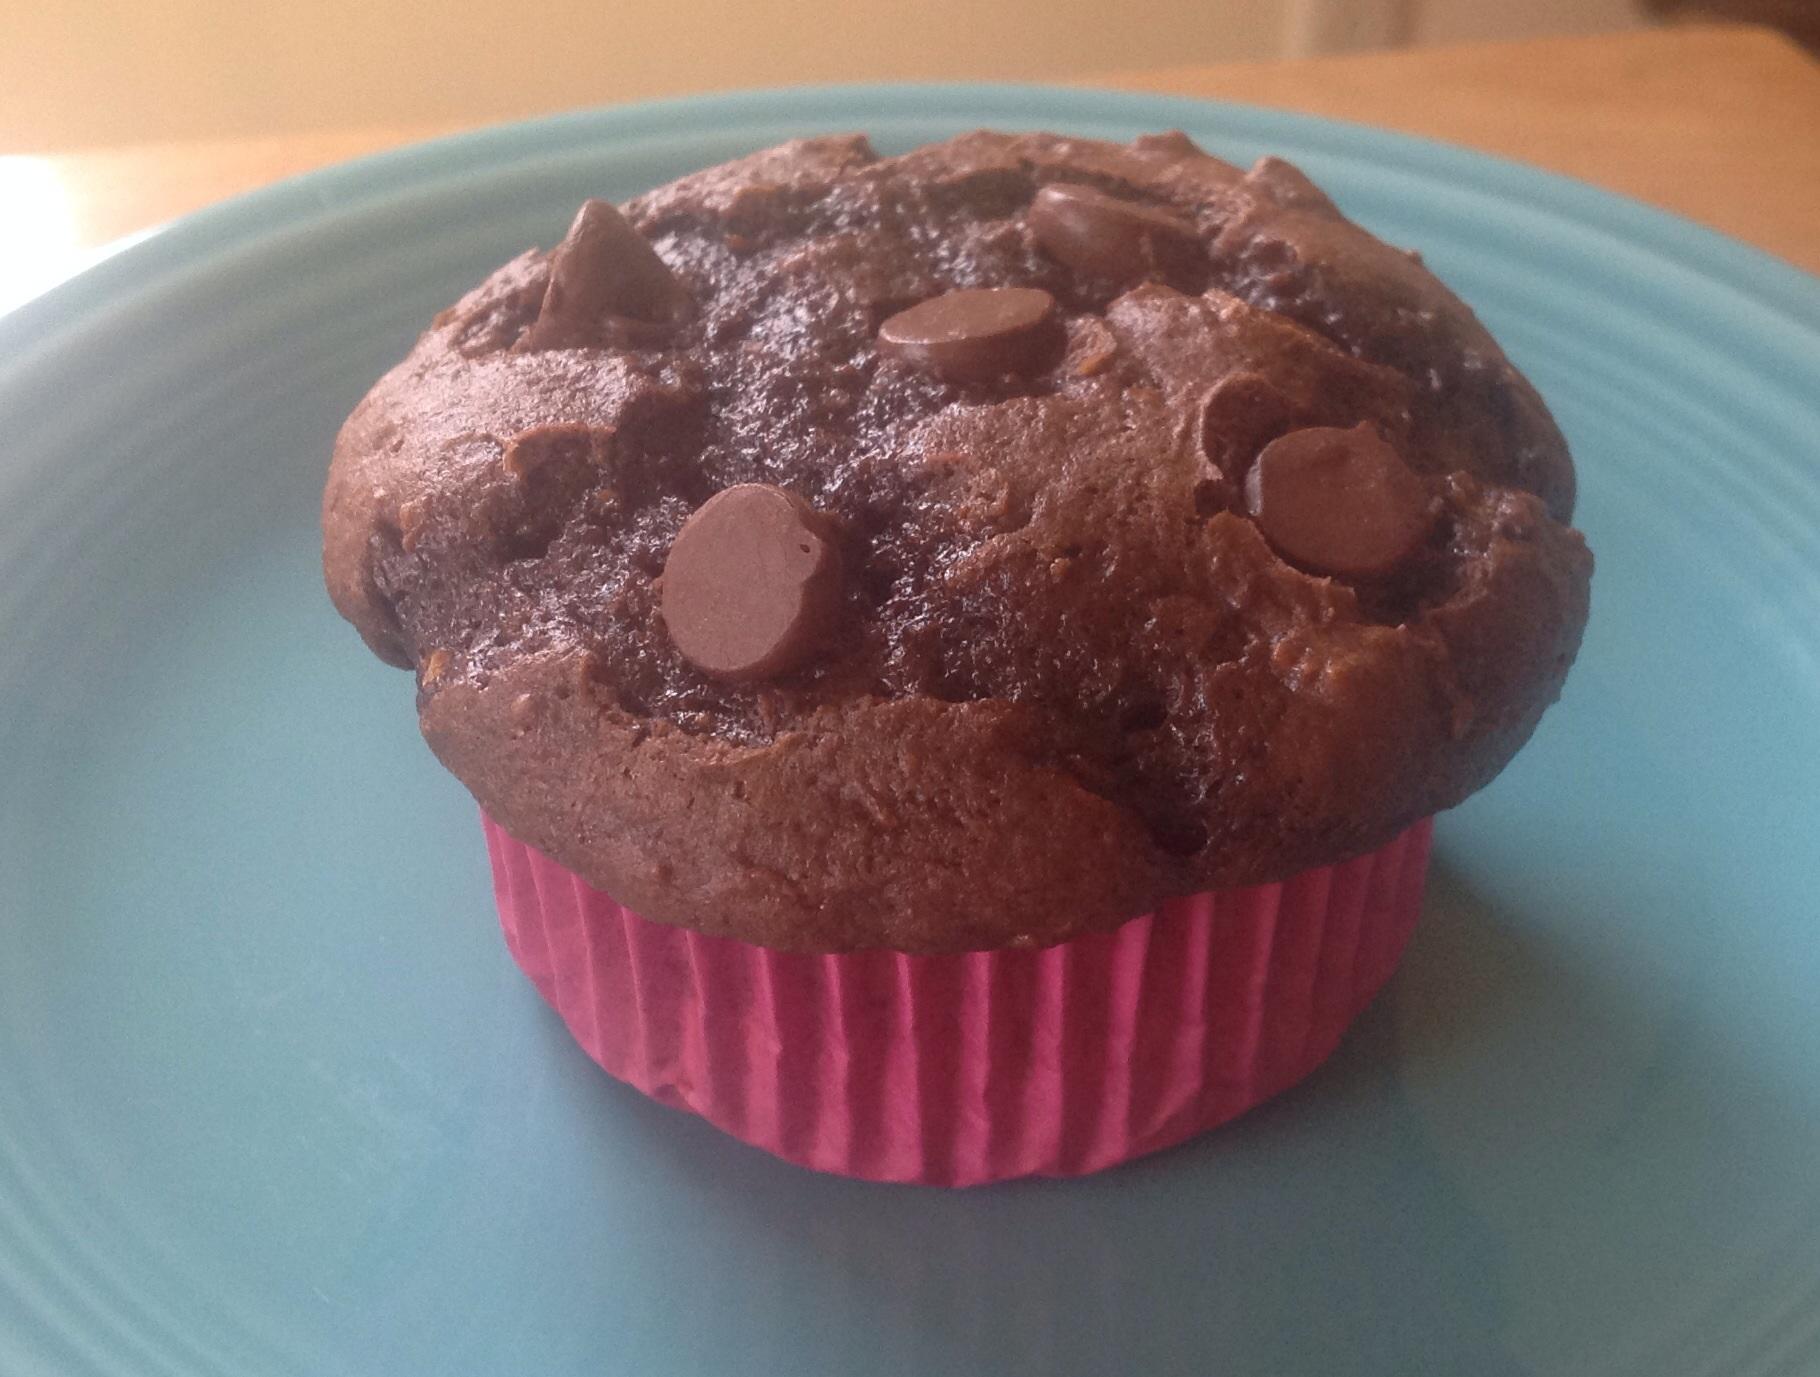 Easy Chocolate Zucchini Cupcakes nancyh